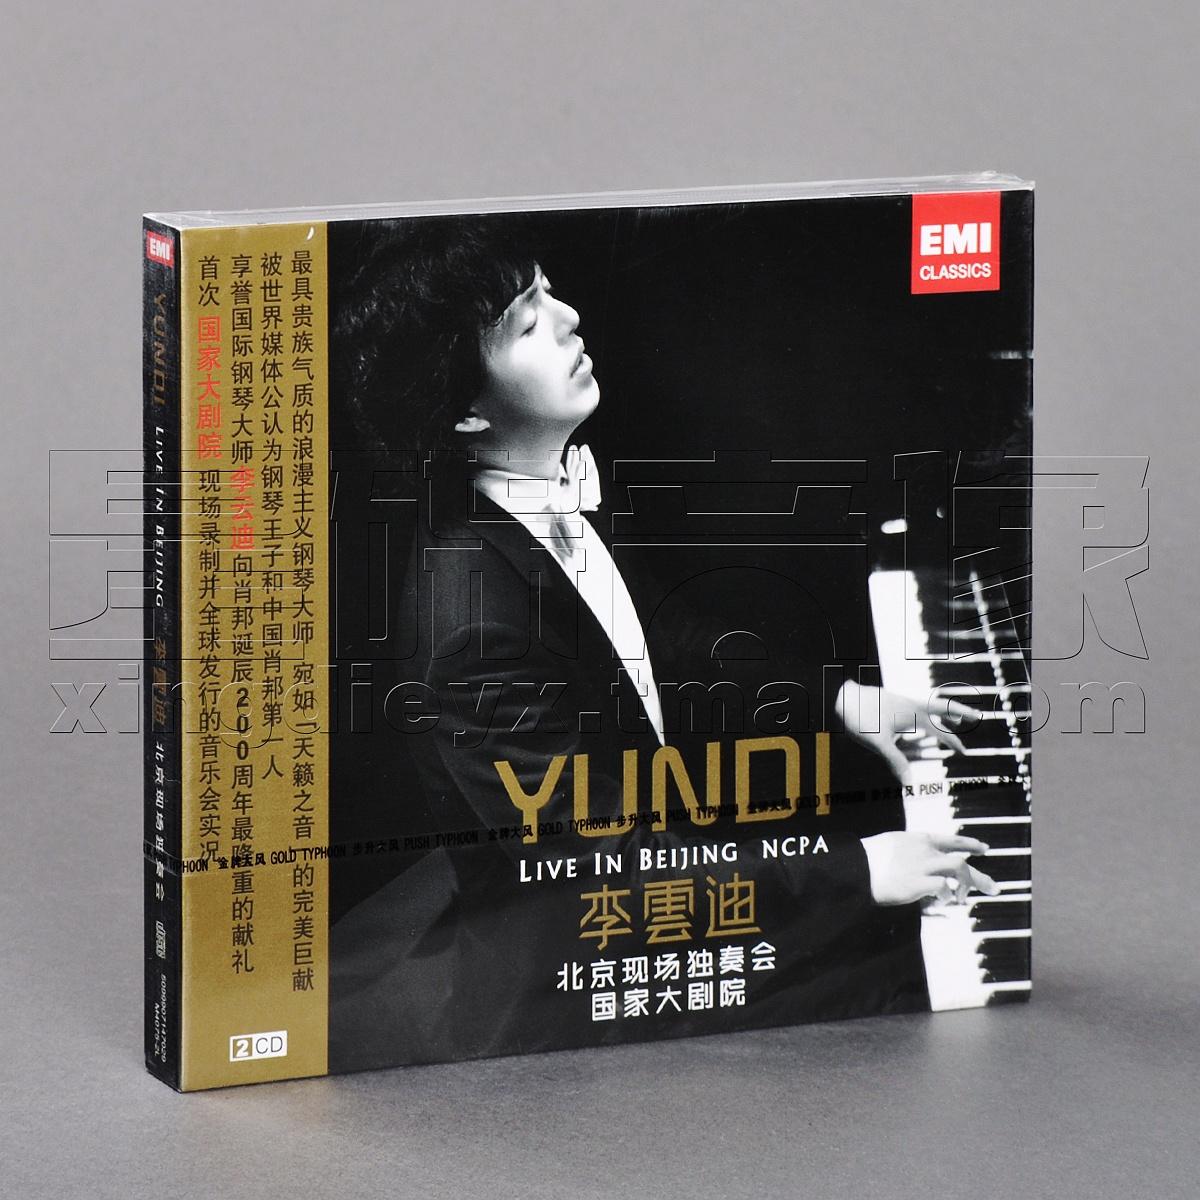 【促销特价】李云迪:2011 北京现场独奏会 2CD